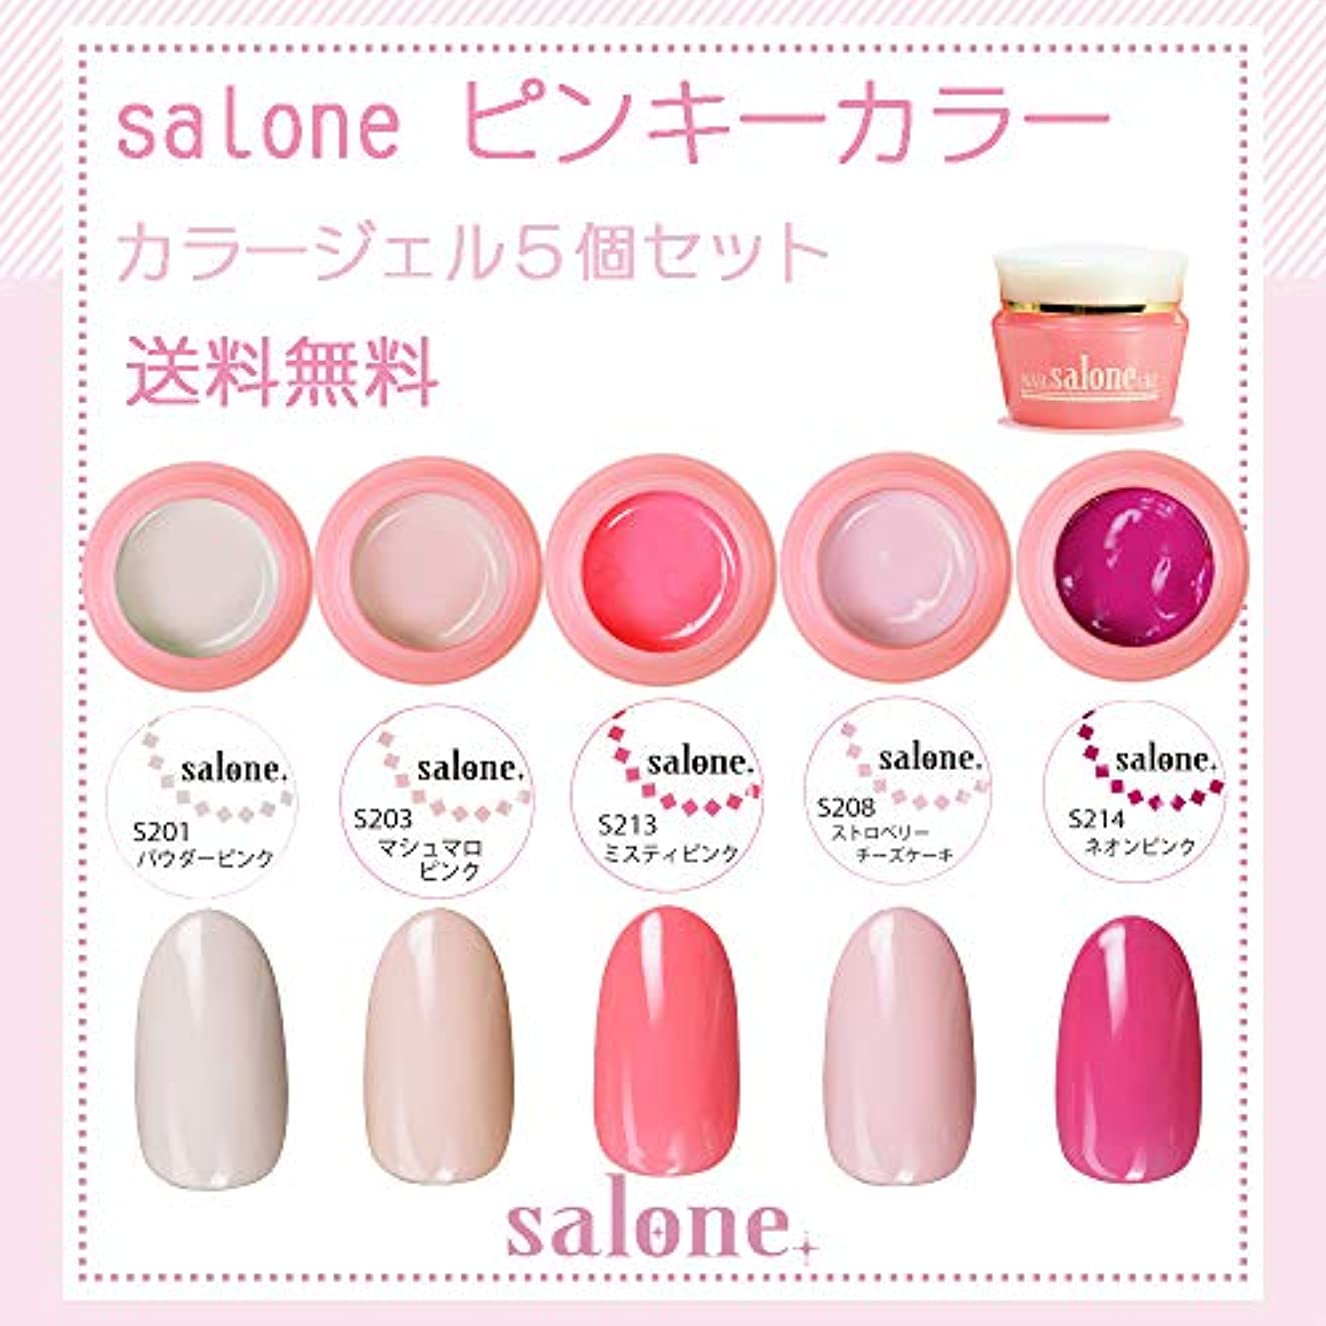 順応性物足りないスムーズに【送料無料 日本製】Salone ピンキー カラージェル5個セット サロンで人気のネイルのマストアイテムピンキーカラー